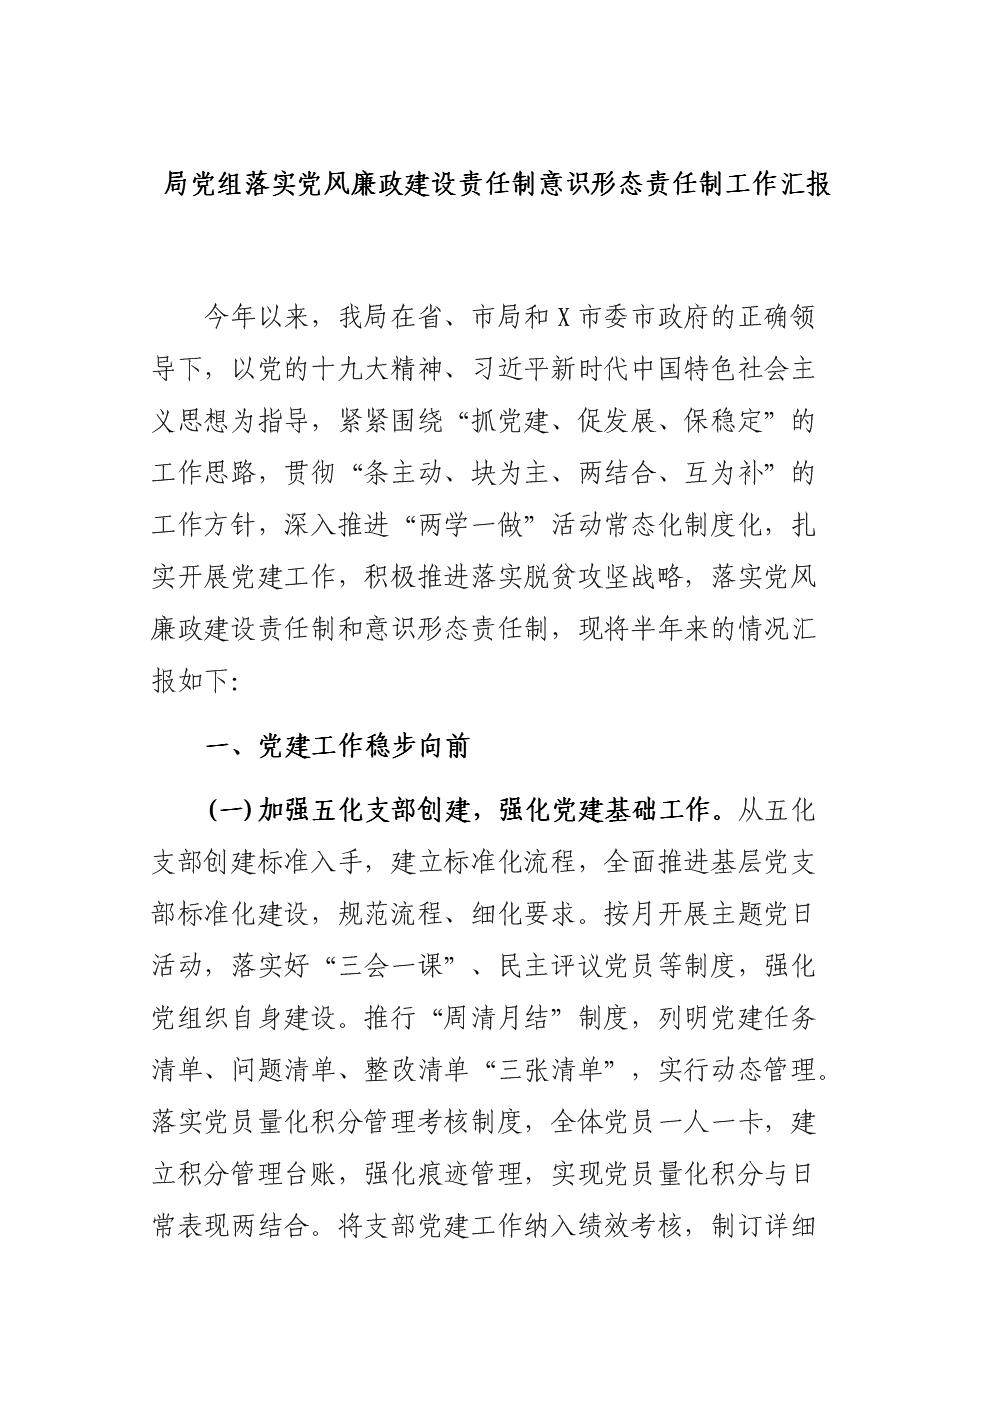 局党组落实党风廉政建设责任制意识形态责任制工作汇报.docx